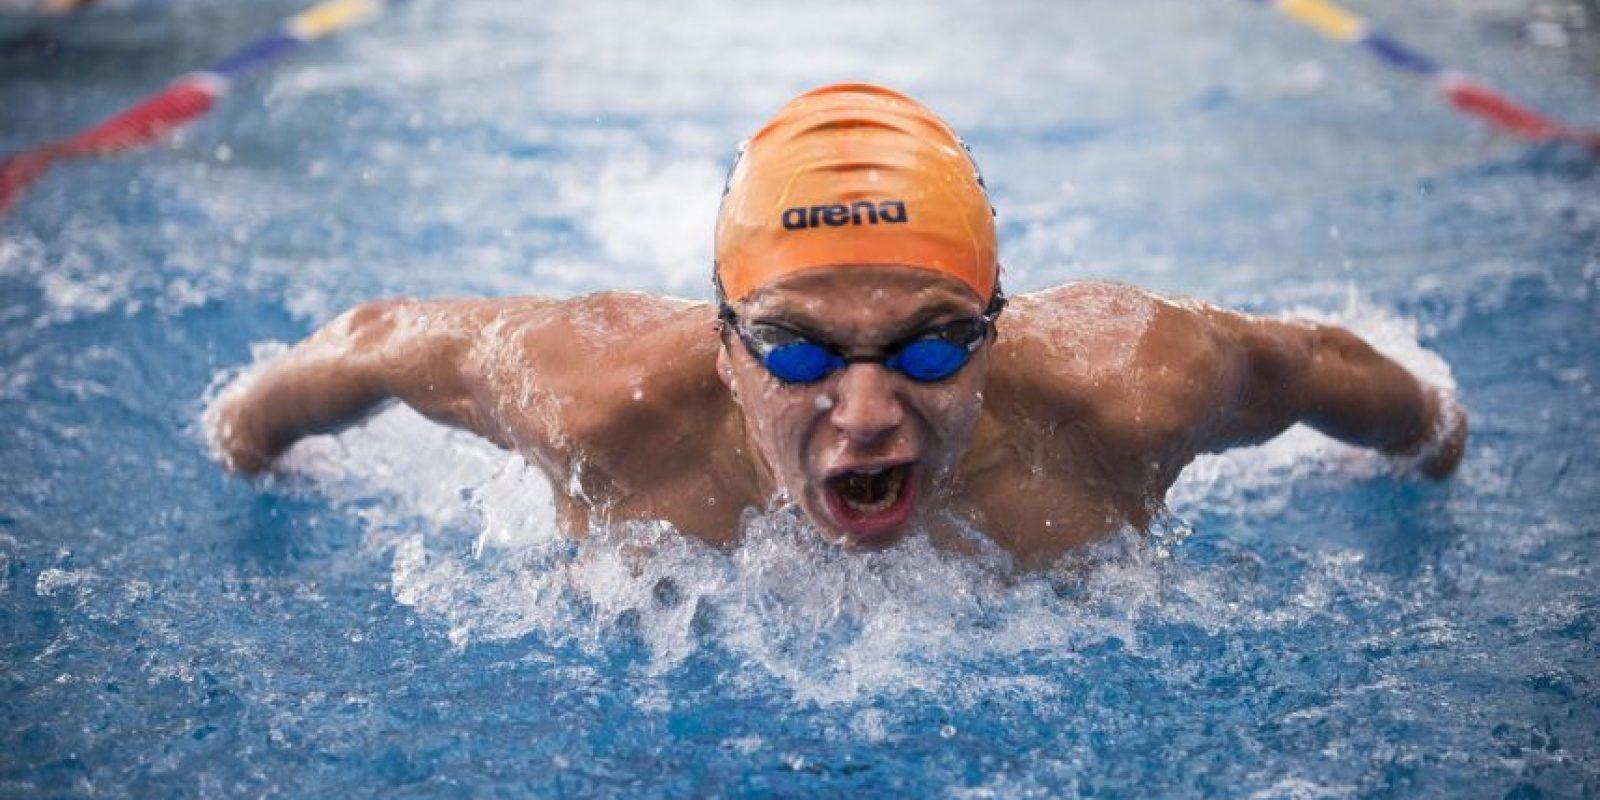 El nadador de 19 años está en Guatemala para competir el fin de semana en el Campeonato Nacional. Foto:Oliver de Ros